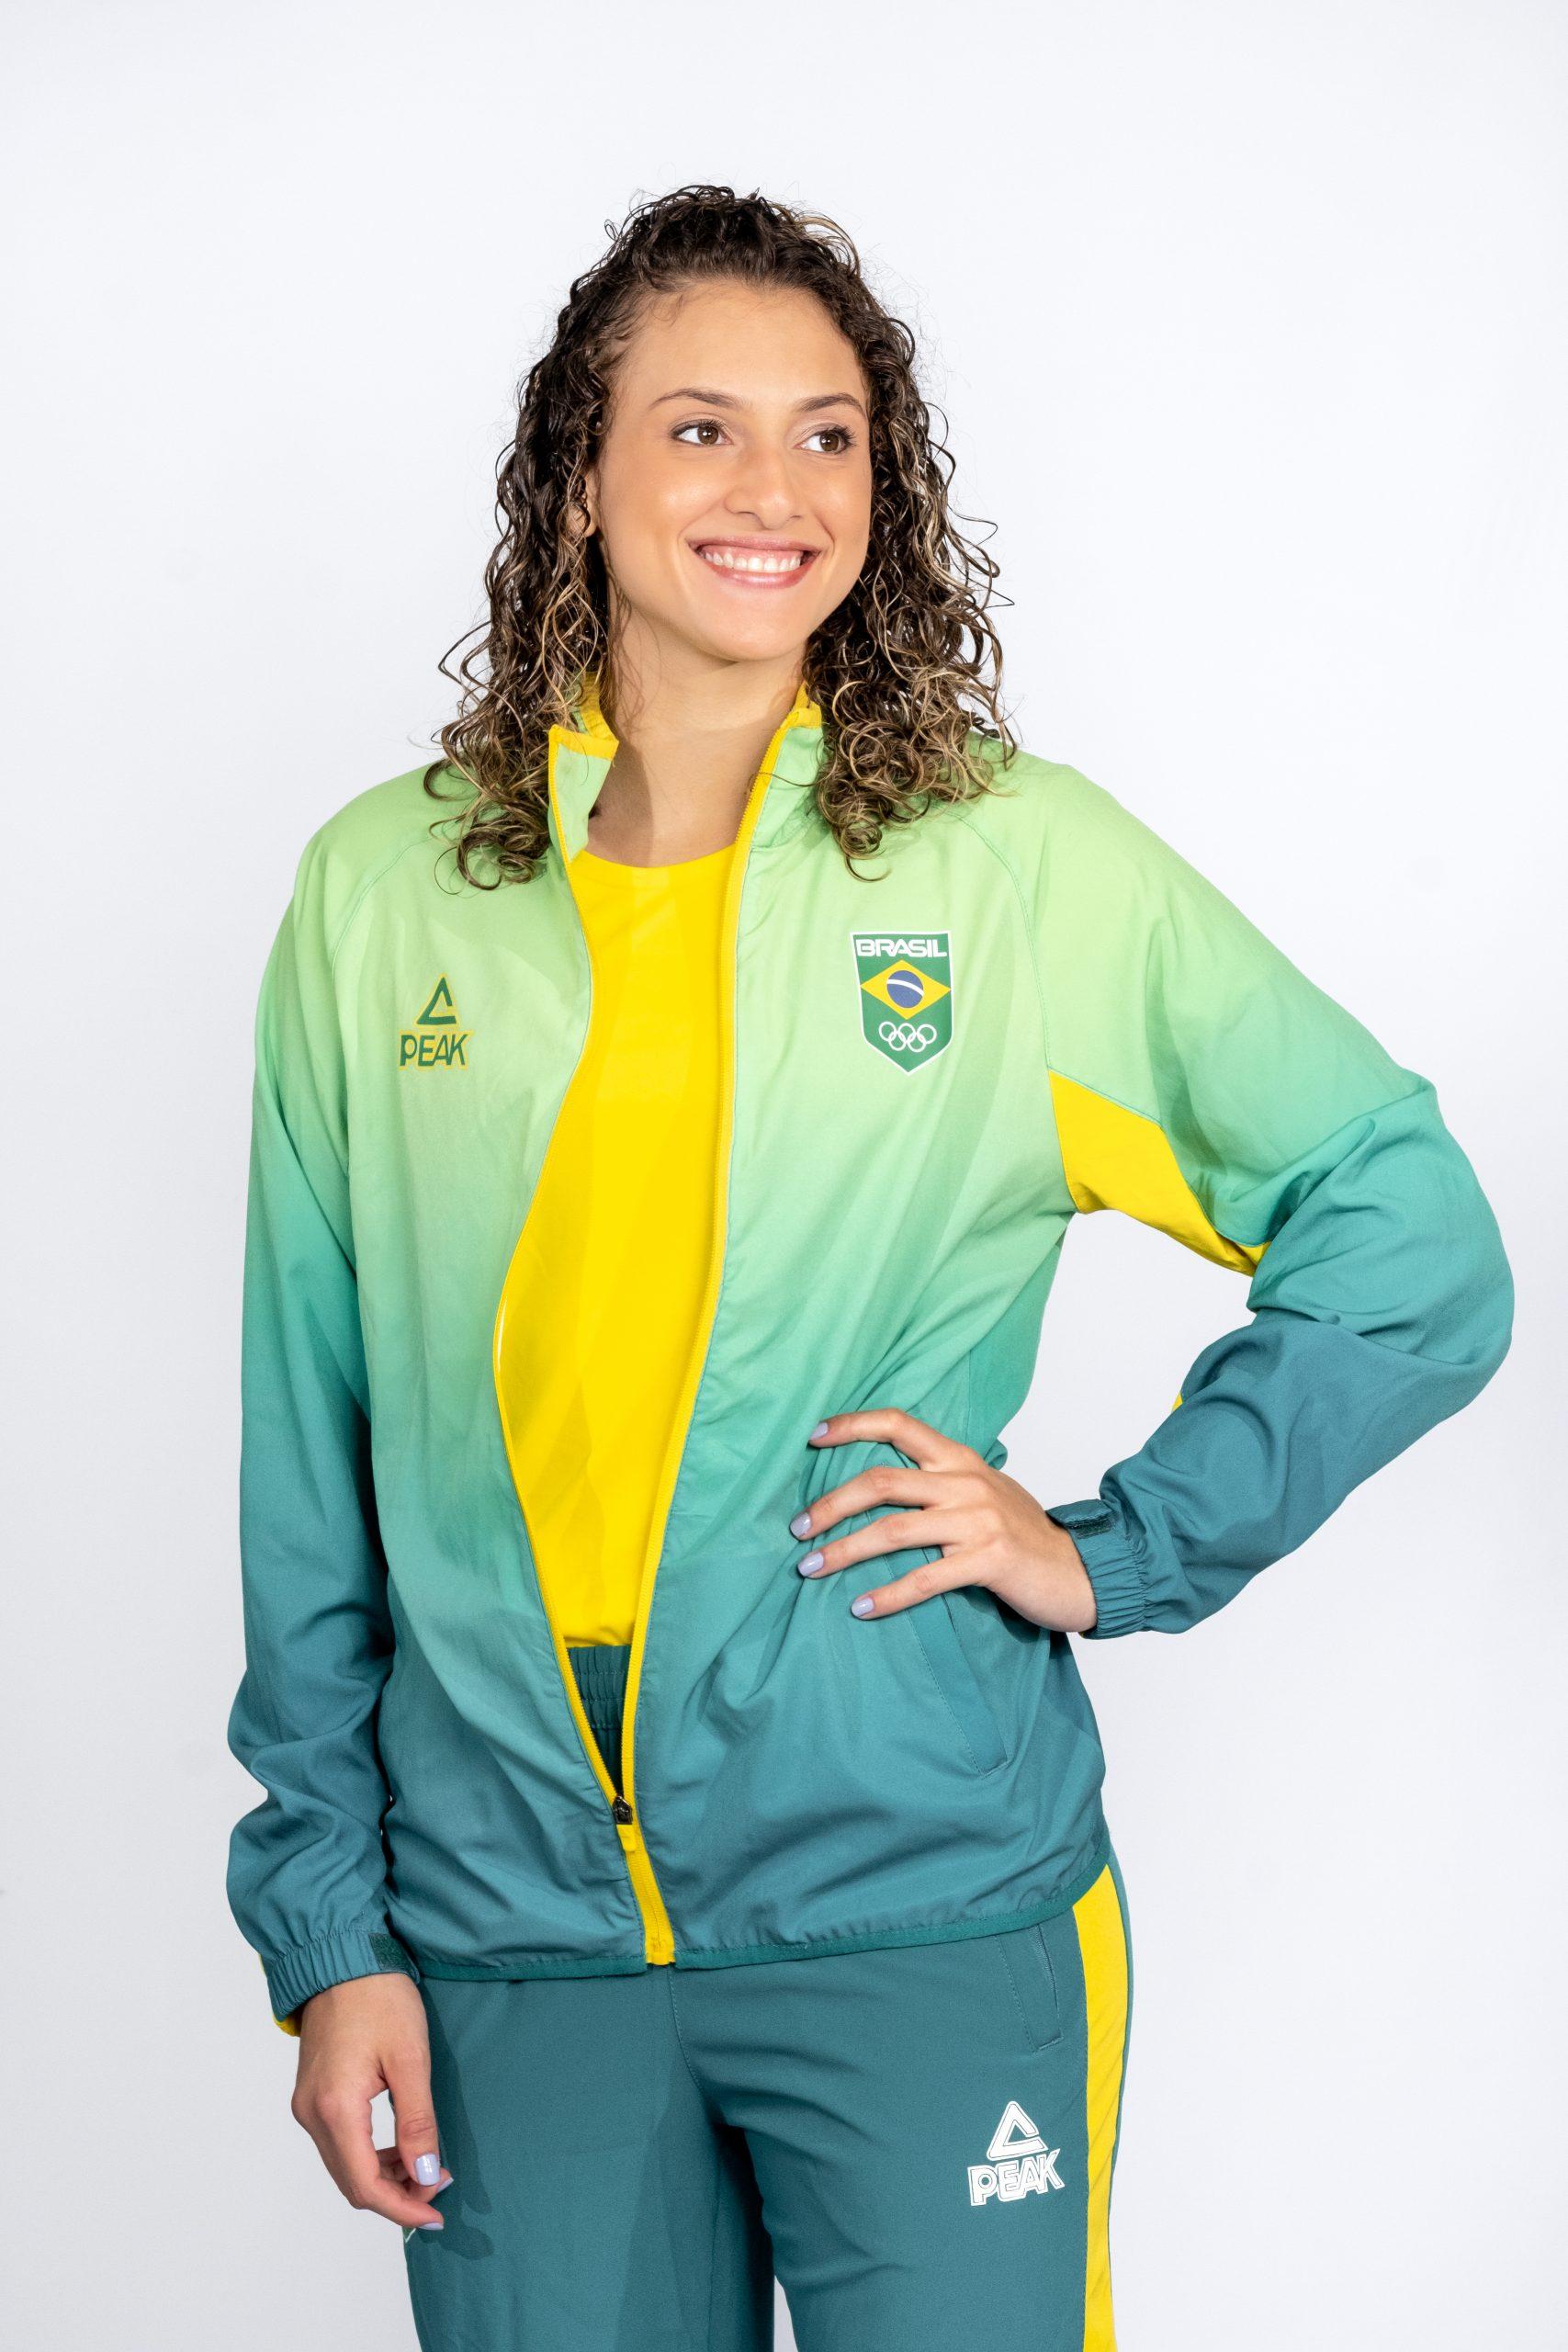 A atleta Milena Titoneli Guimarães durante apresentação dos uniformes do Time Brasil (Foto: Marcio Mercante/Divulgação)